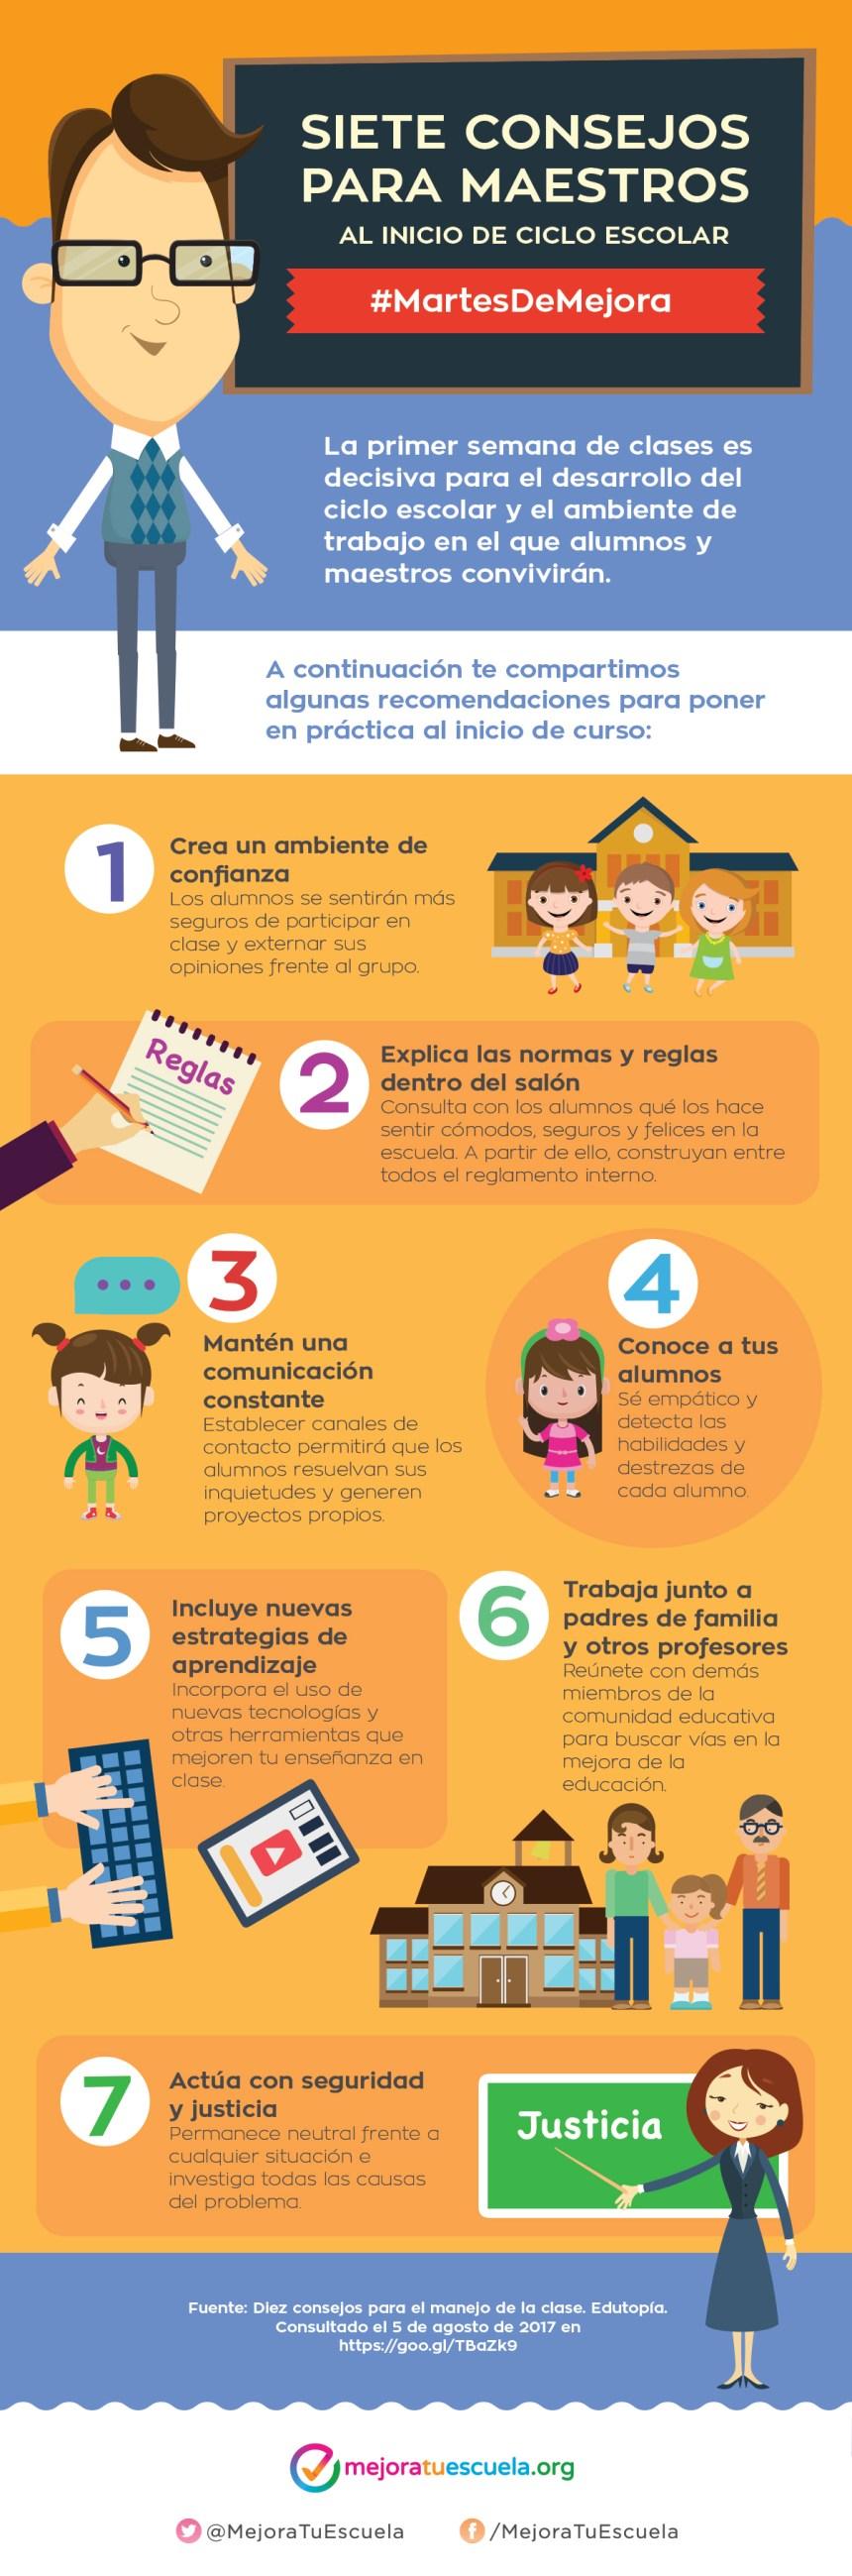 7 consejos para maestros al inicio del ciclo escolar